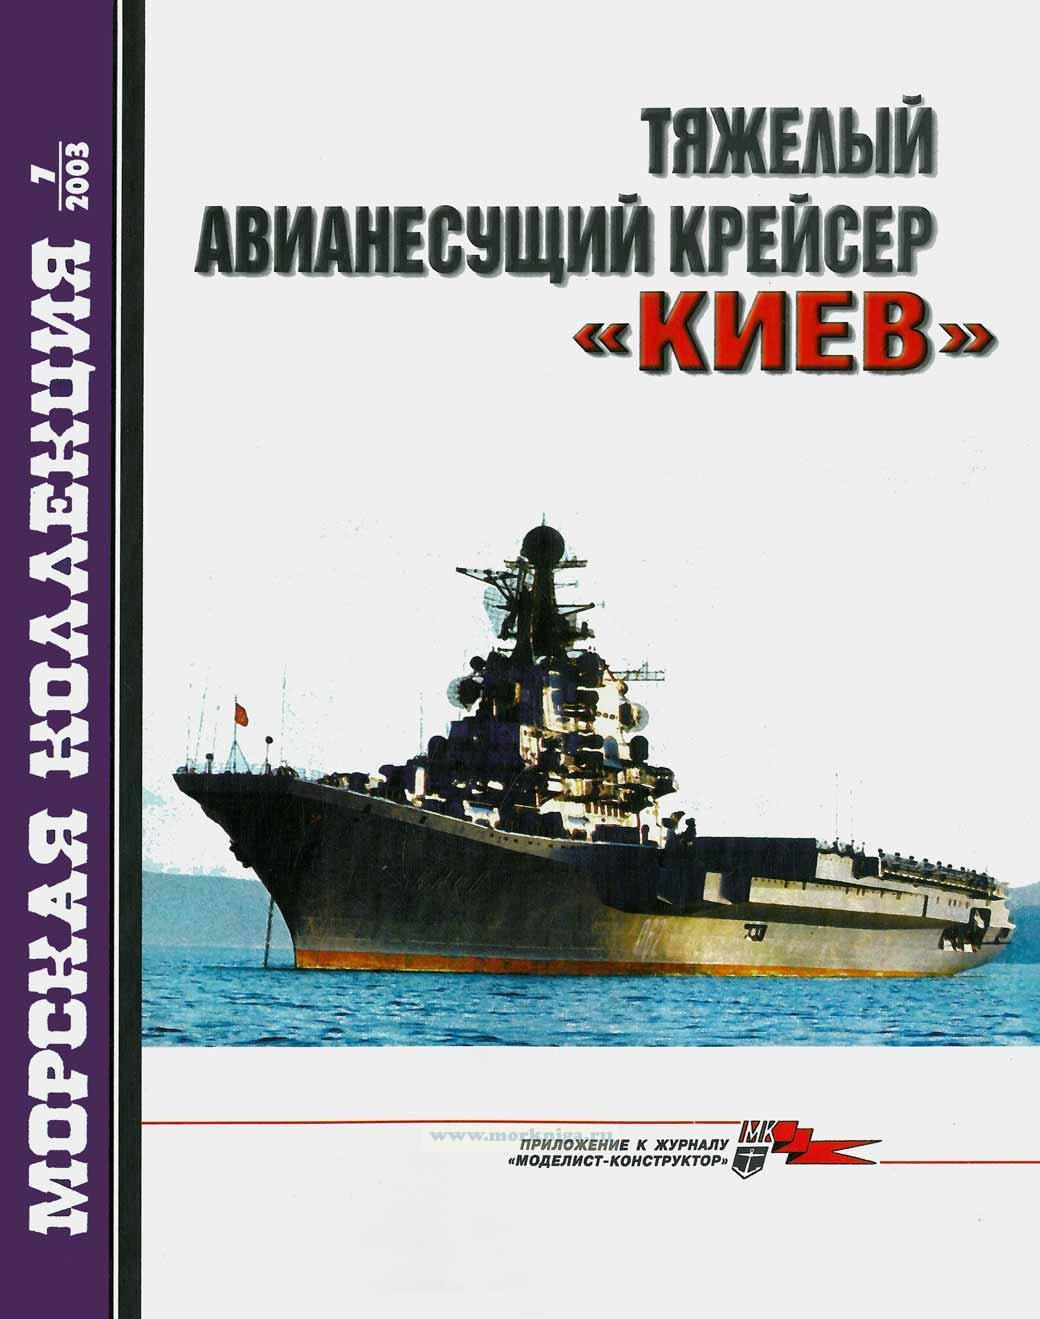 """Тяжелый авианесущий крейсер """"Киев"""". Морская коллекция №7 (2003)"""